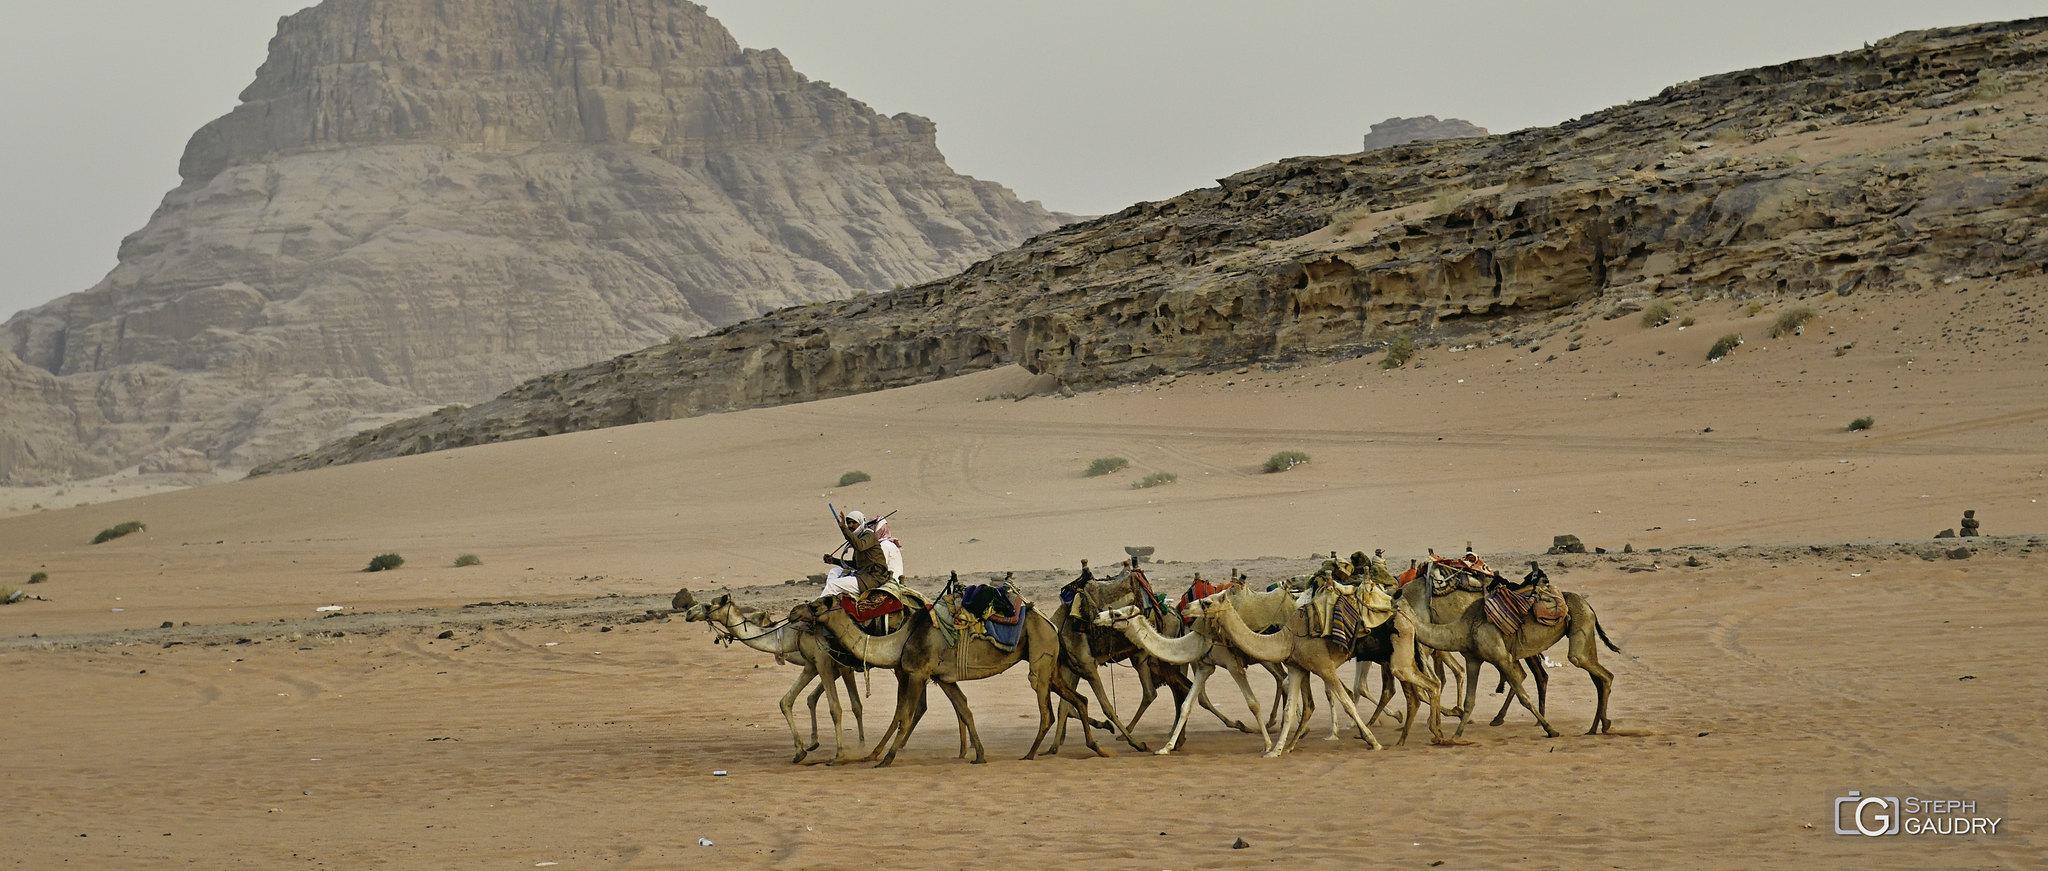 Le retour de la caravane le soir dans le Wadi-Rum... [Klik om de diavoorstelling te starten]